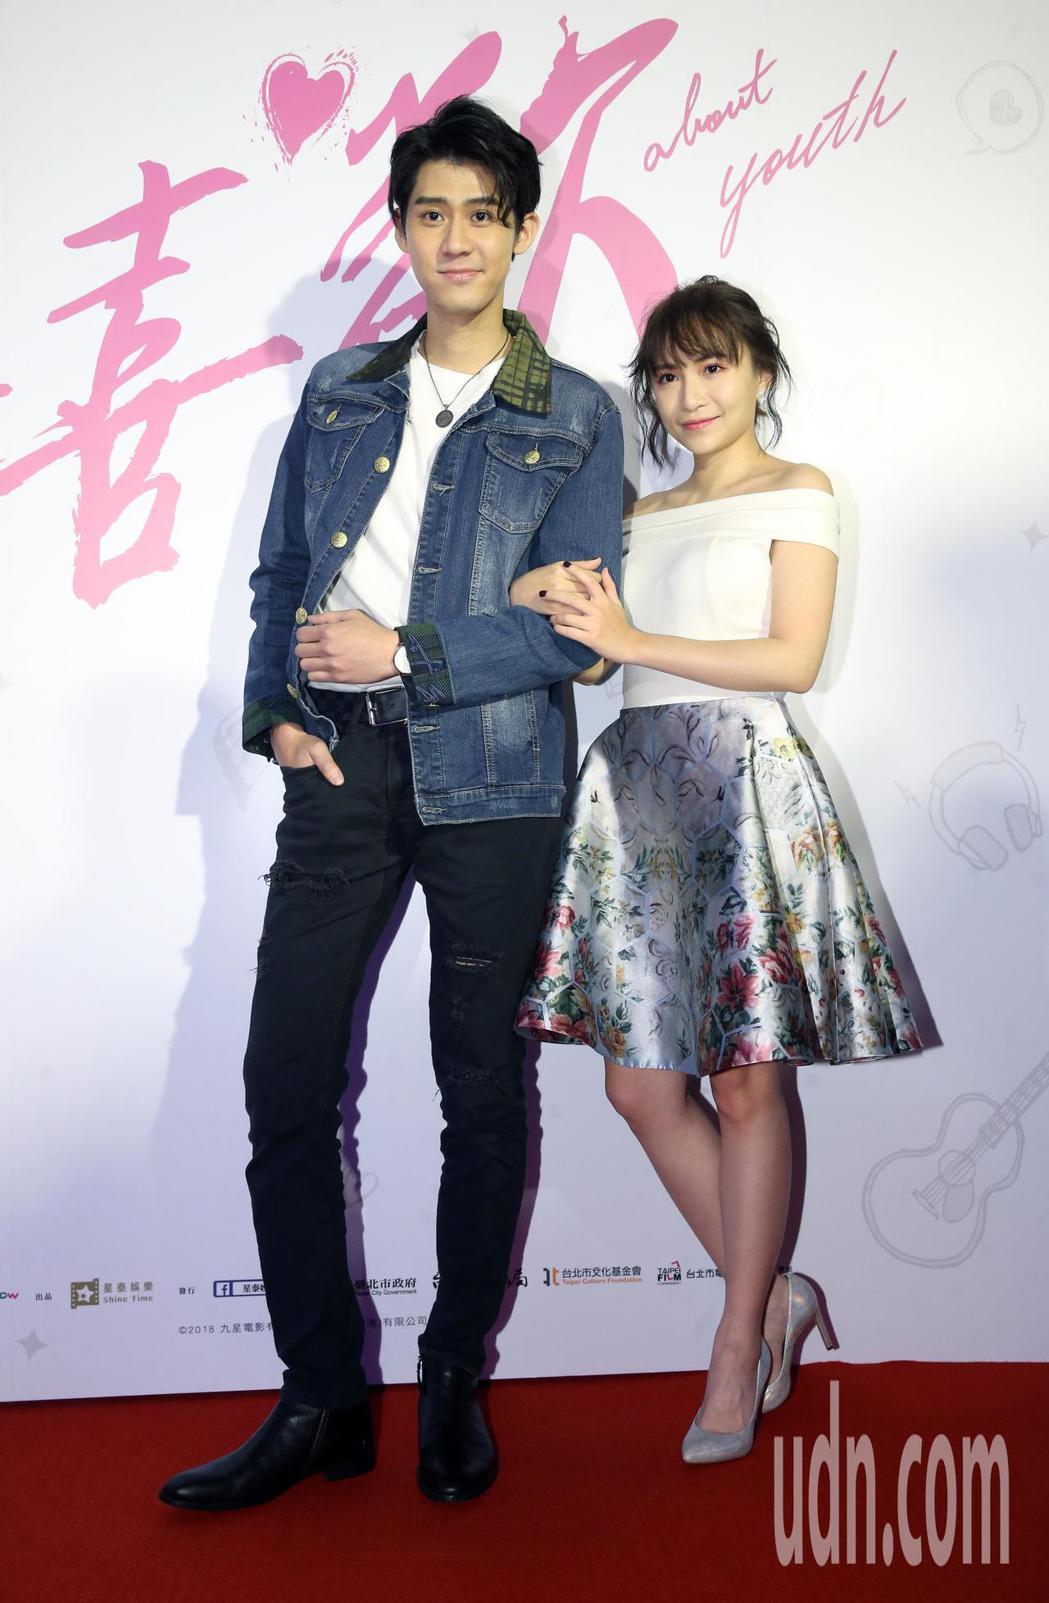 電影「有一種喜歡」舉辦首映會,片中演員李玉璽(左)、王宇兒(右)出席活動。記者許...